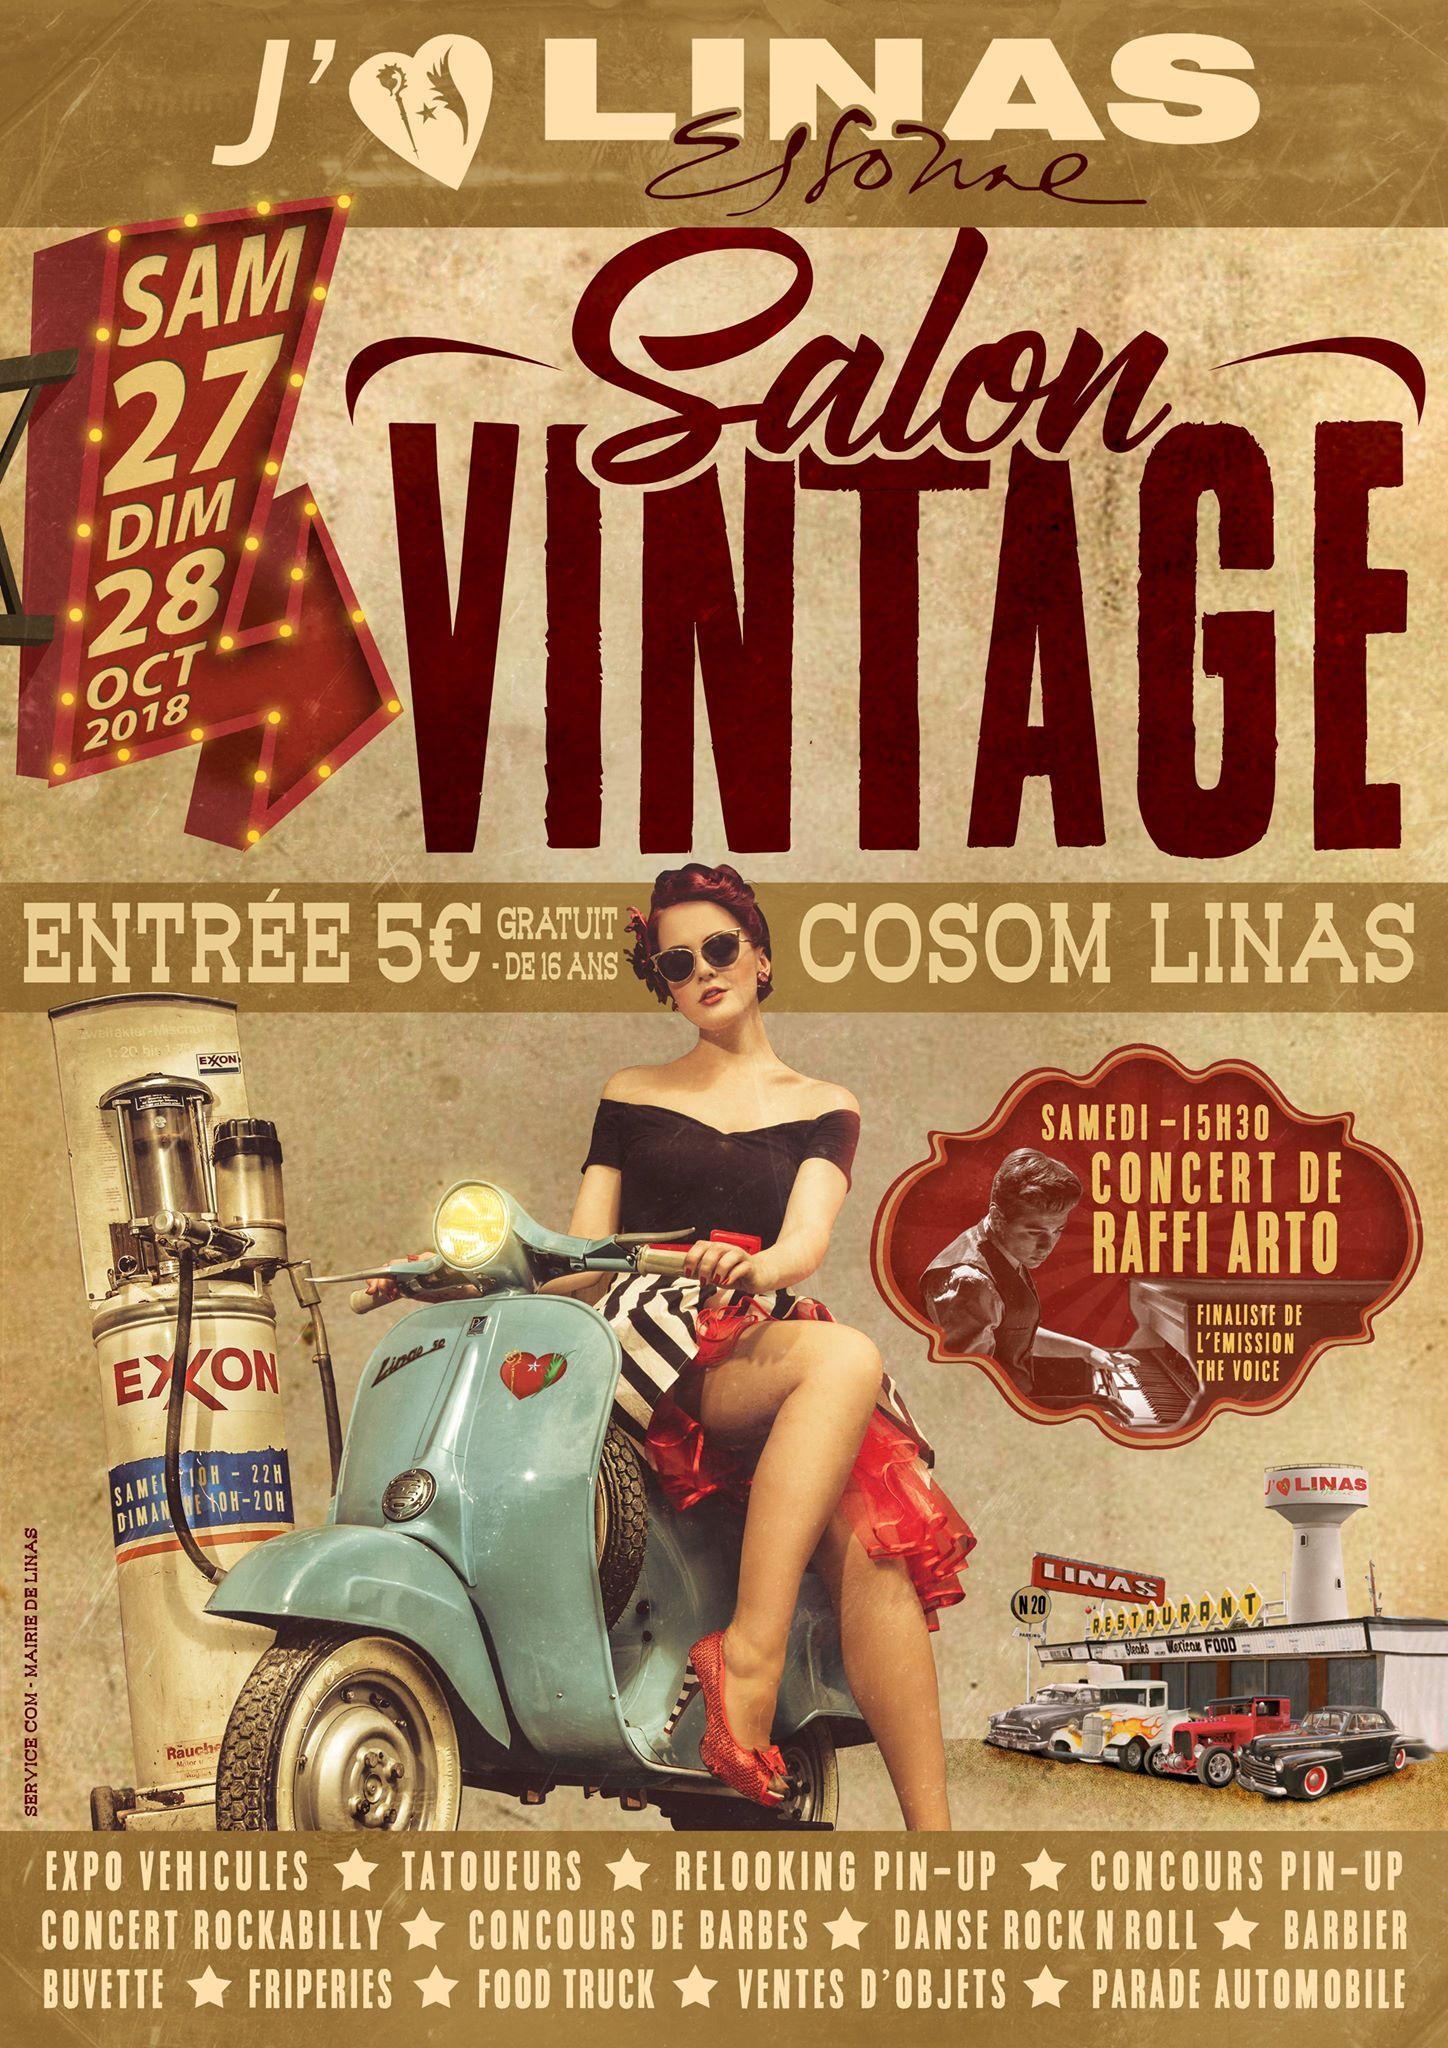 salon vintage 27 et 28 octobre 2018 à Linas (91) SyHCIM